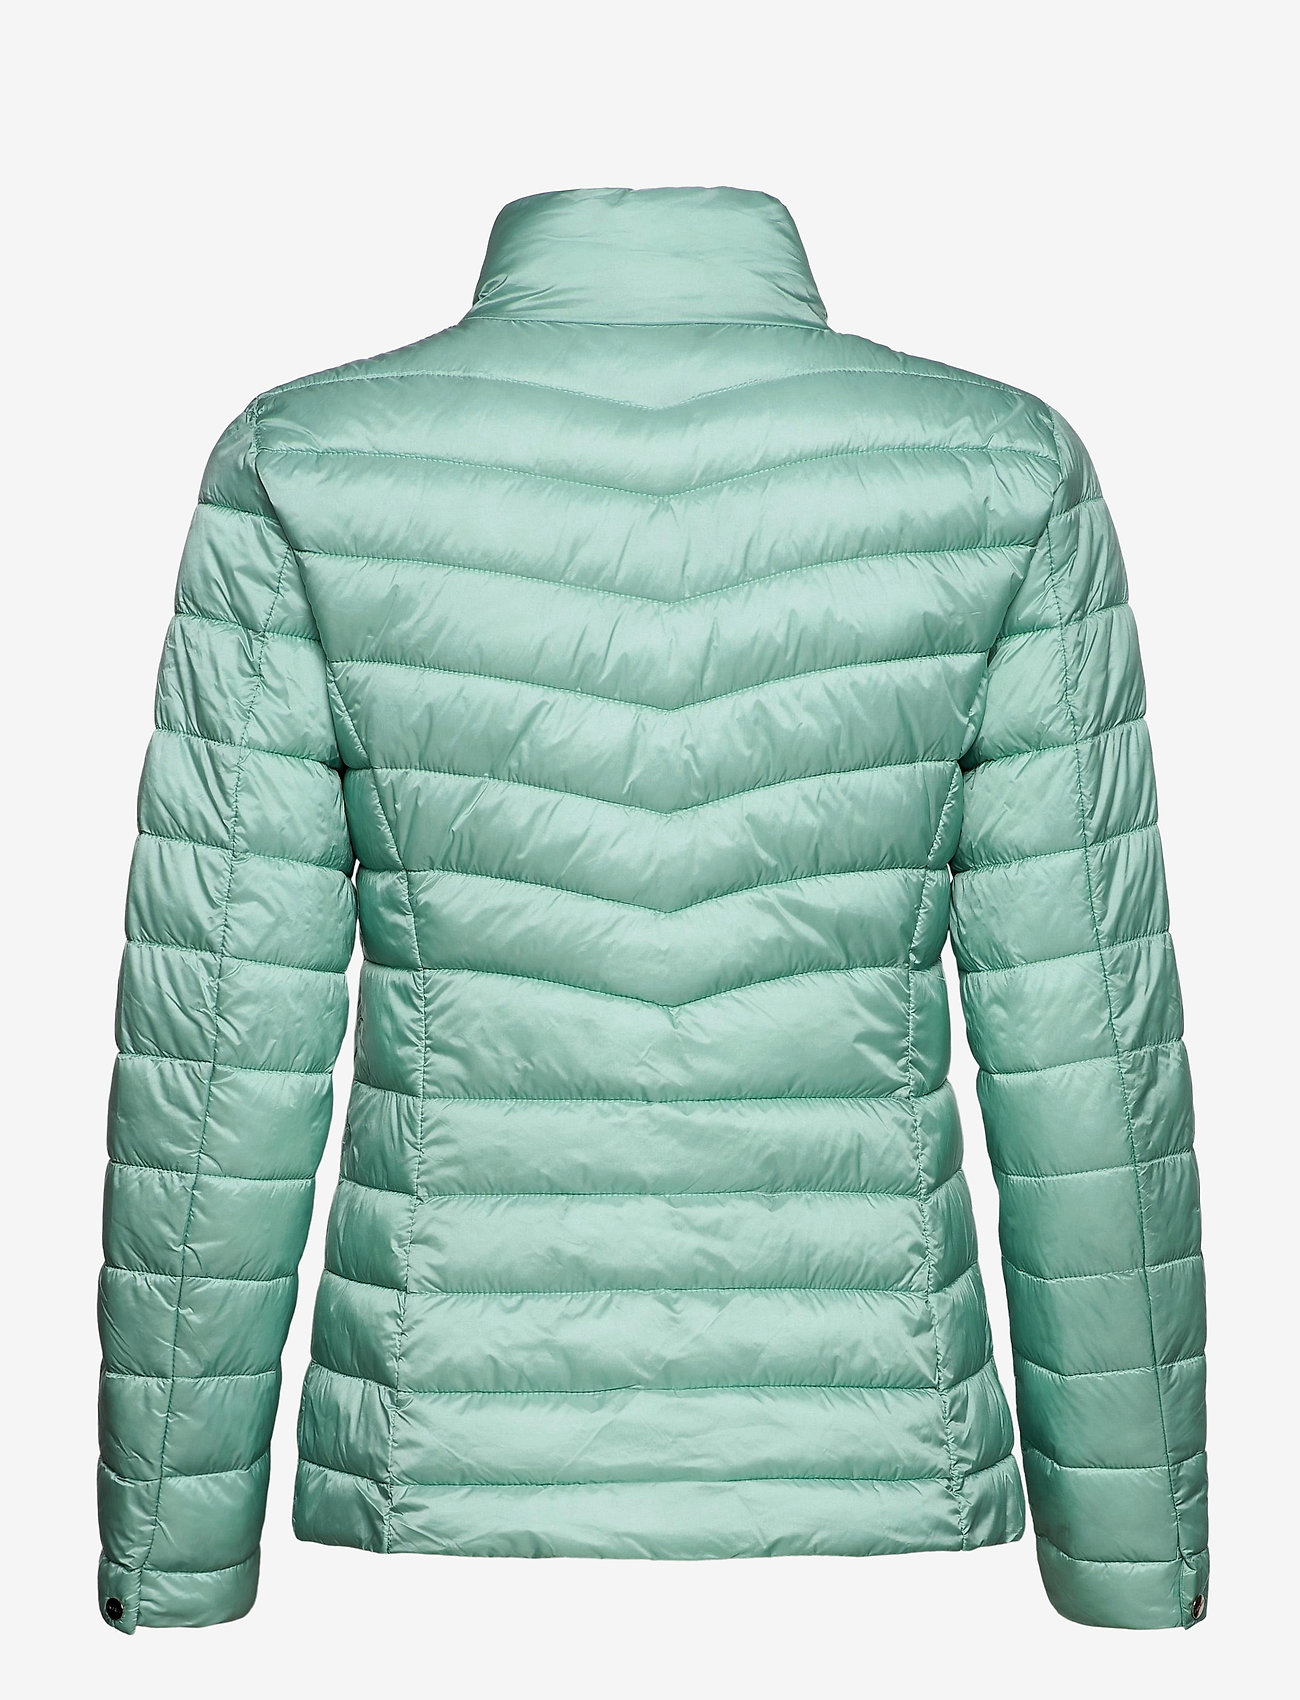 Esprit Collection - Jackets outdoor woven - vestes matelassées - light turquoise - 1